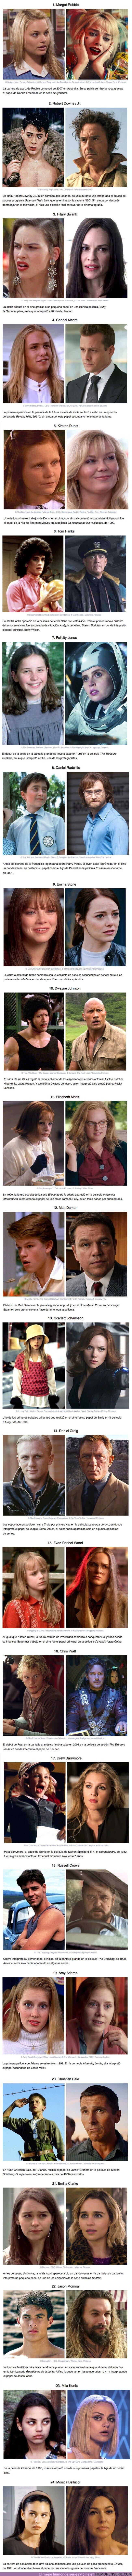 59796 - GALERÍA: Cómo se veían nuestros adorados actores de Hollywood cuando nadie los conocía aún